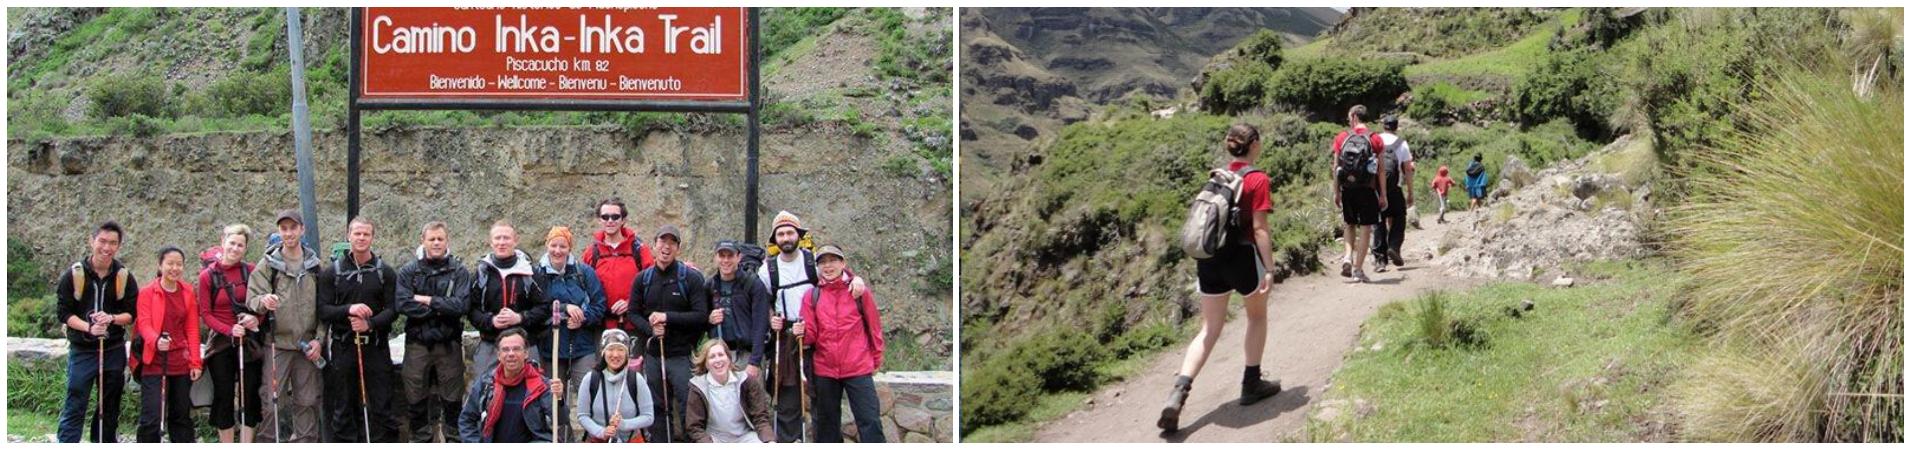 Camino Inca a Machu Picchu 2 dias qori inka travel